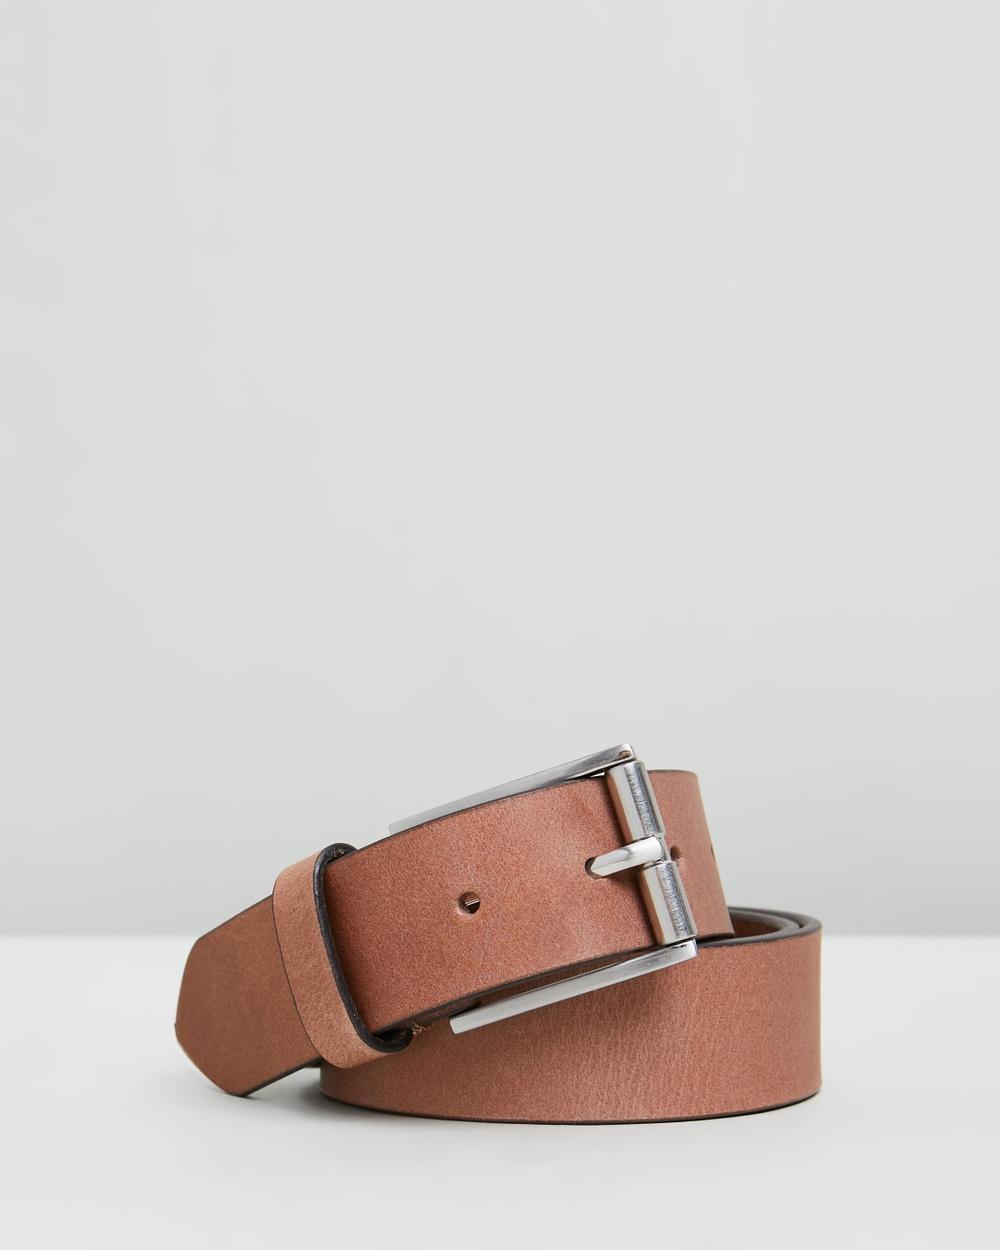 Double Oak Mills Smooth Leather 35mm Belt Belts Tan & Silver